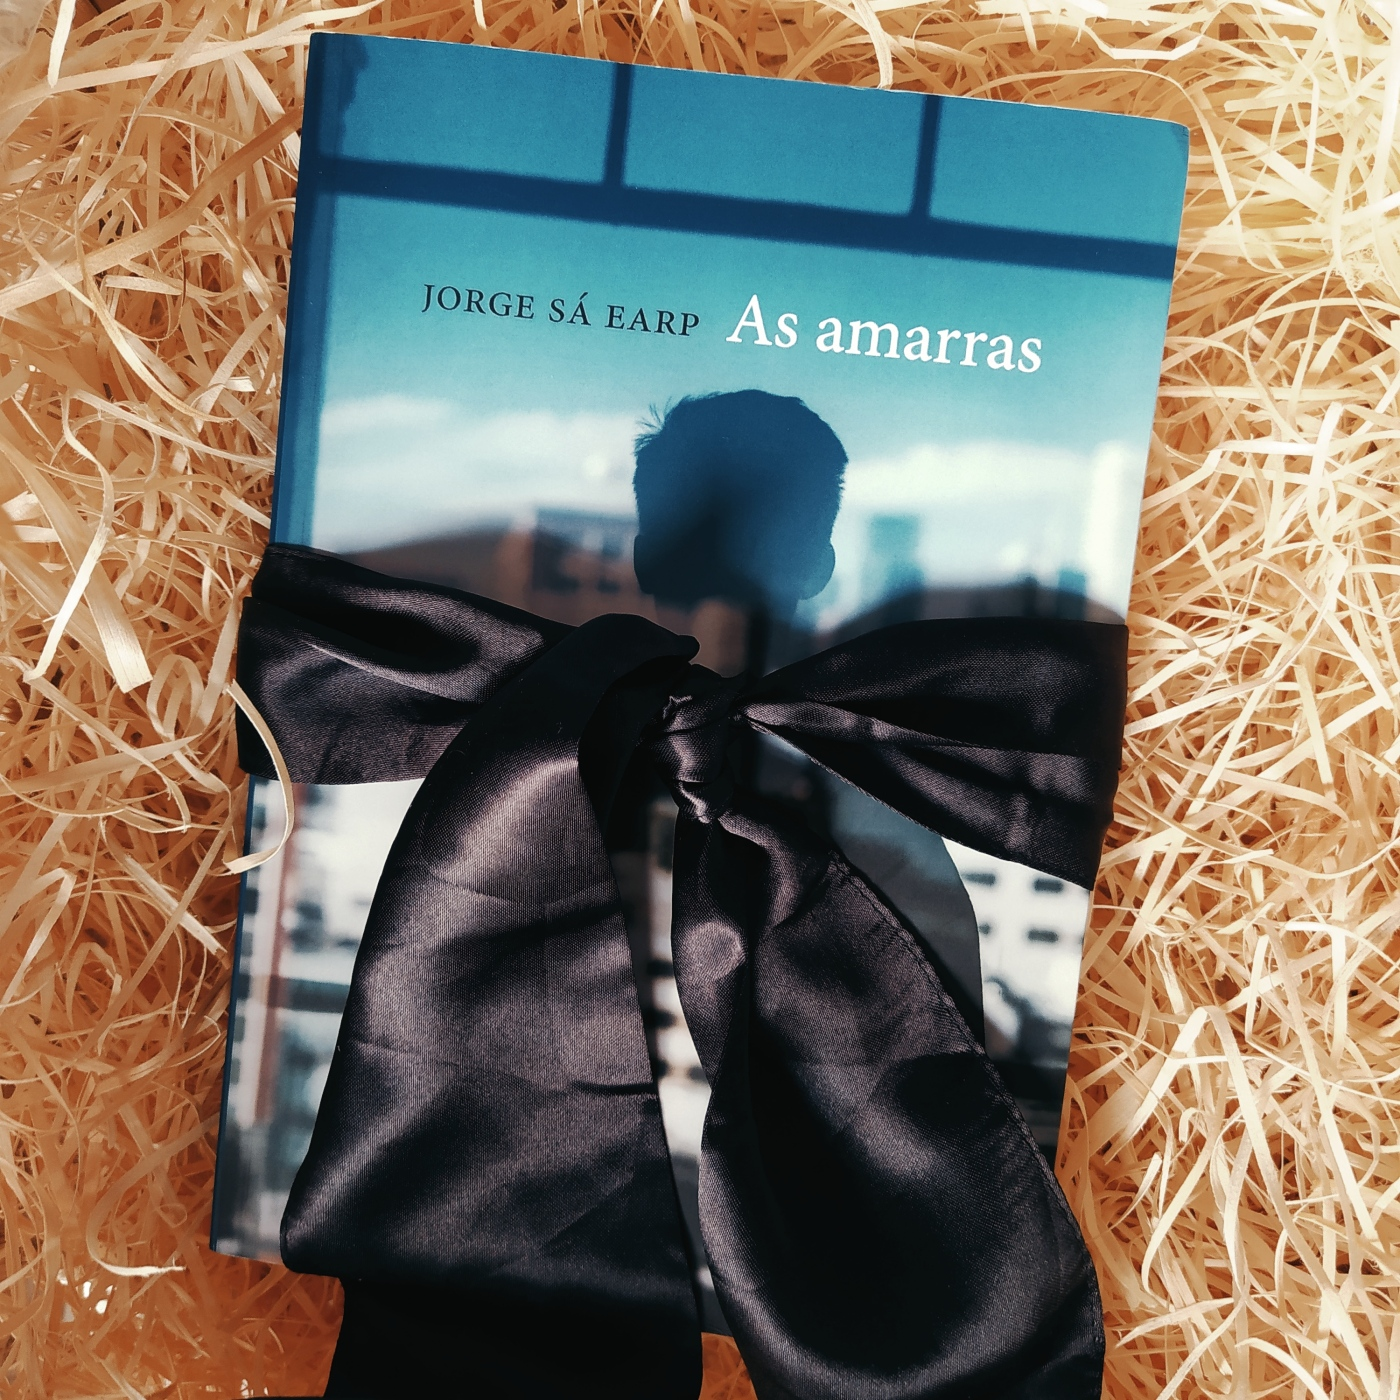 Livro As Amarras no centro da imagem, com uma faixa preta em torno dele fazendo um laço. O fundo é de palha.